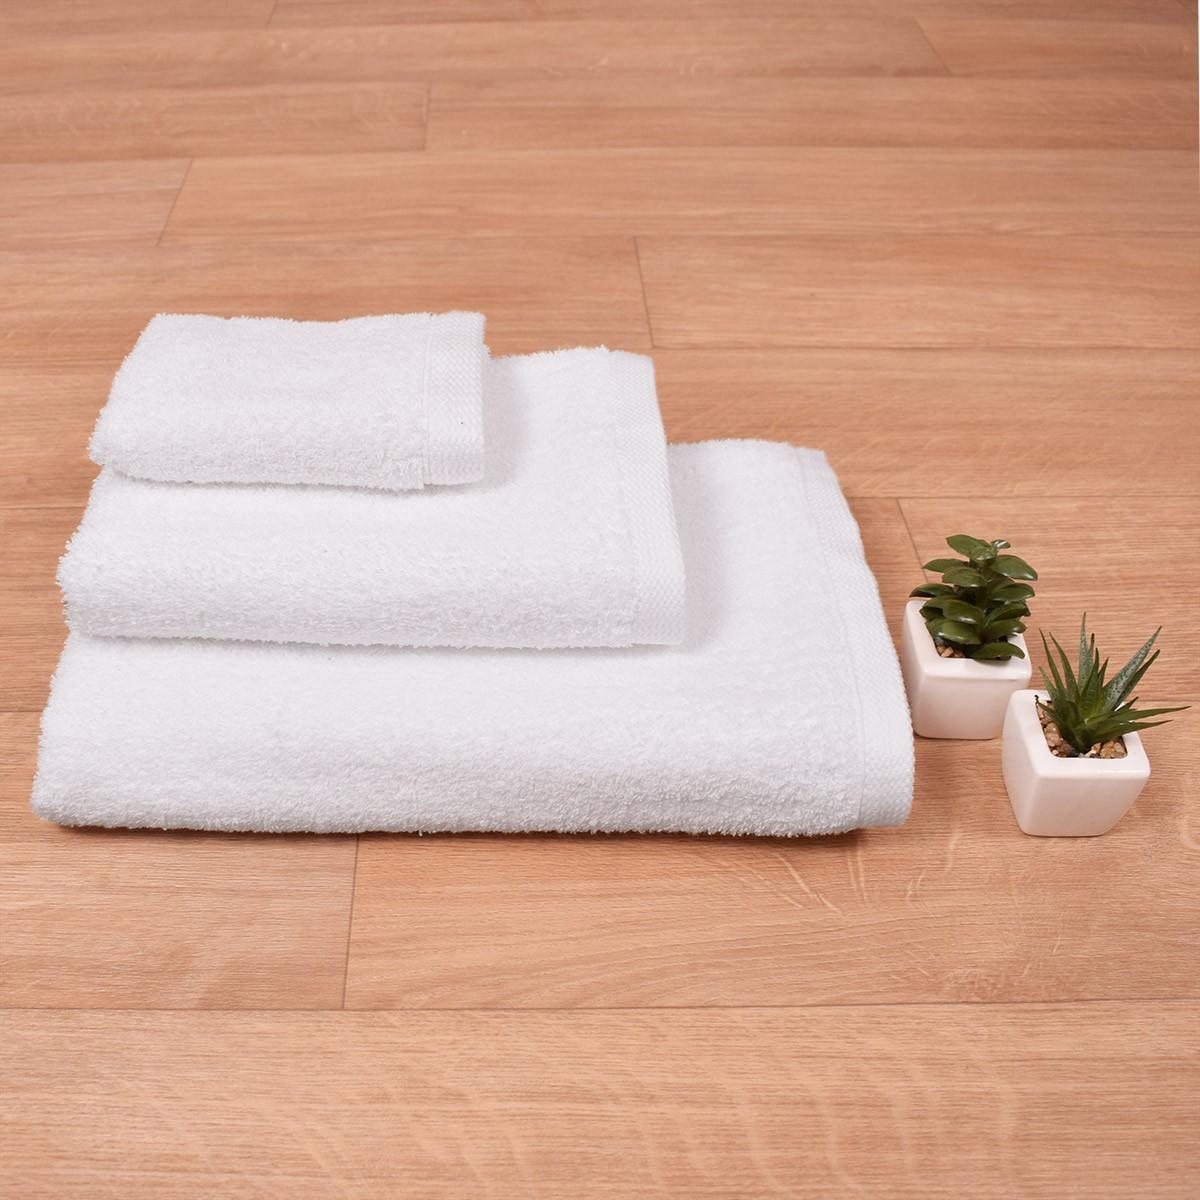 Πετσέτα Σώματος Λευκή (90x150) Giza 600gr/m2 home   επαγγελματικός εξοπλισμός   ξενοδοχειακός εξοπλισμός   πετσέτες ξενοδοχεί